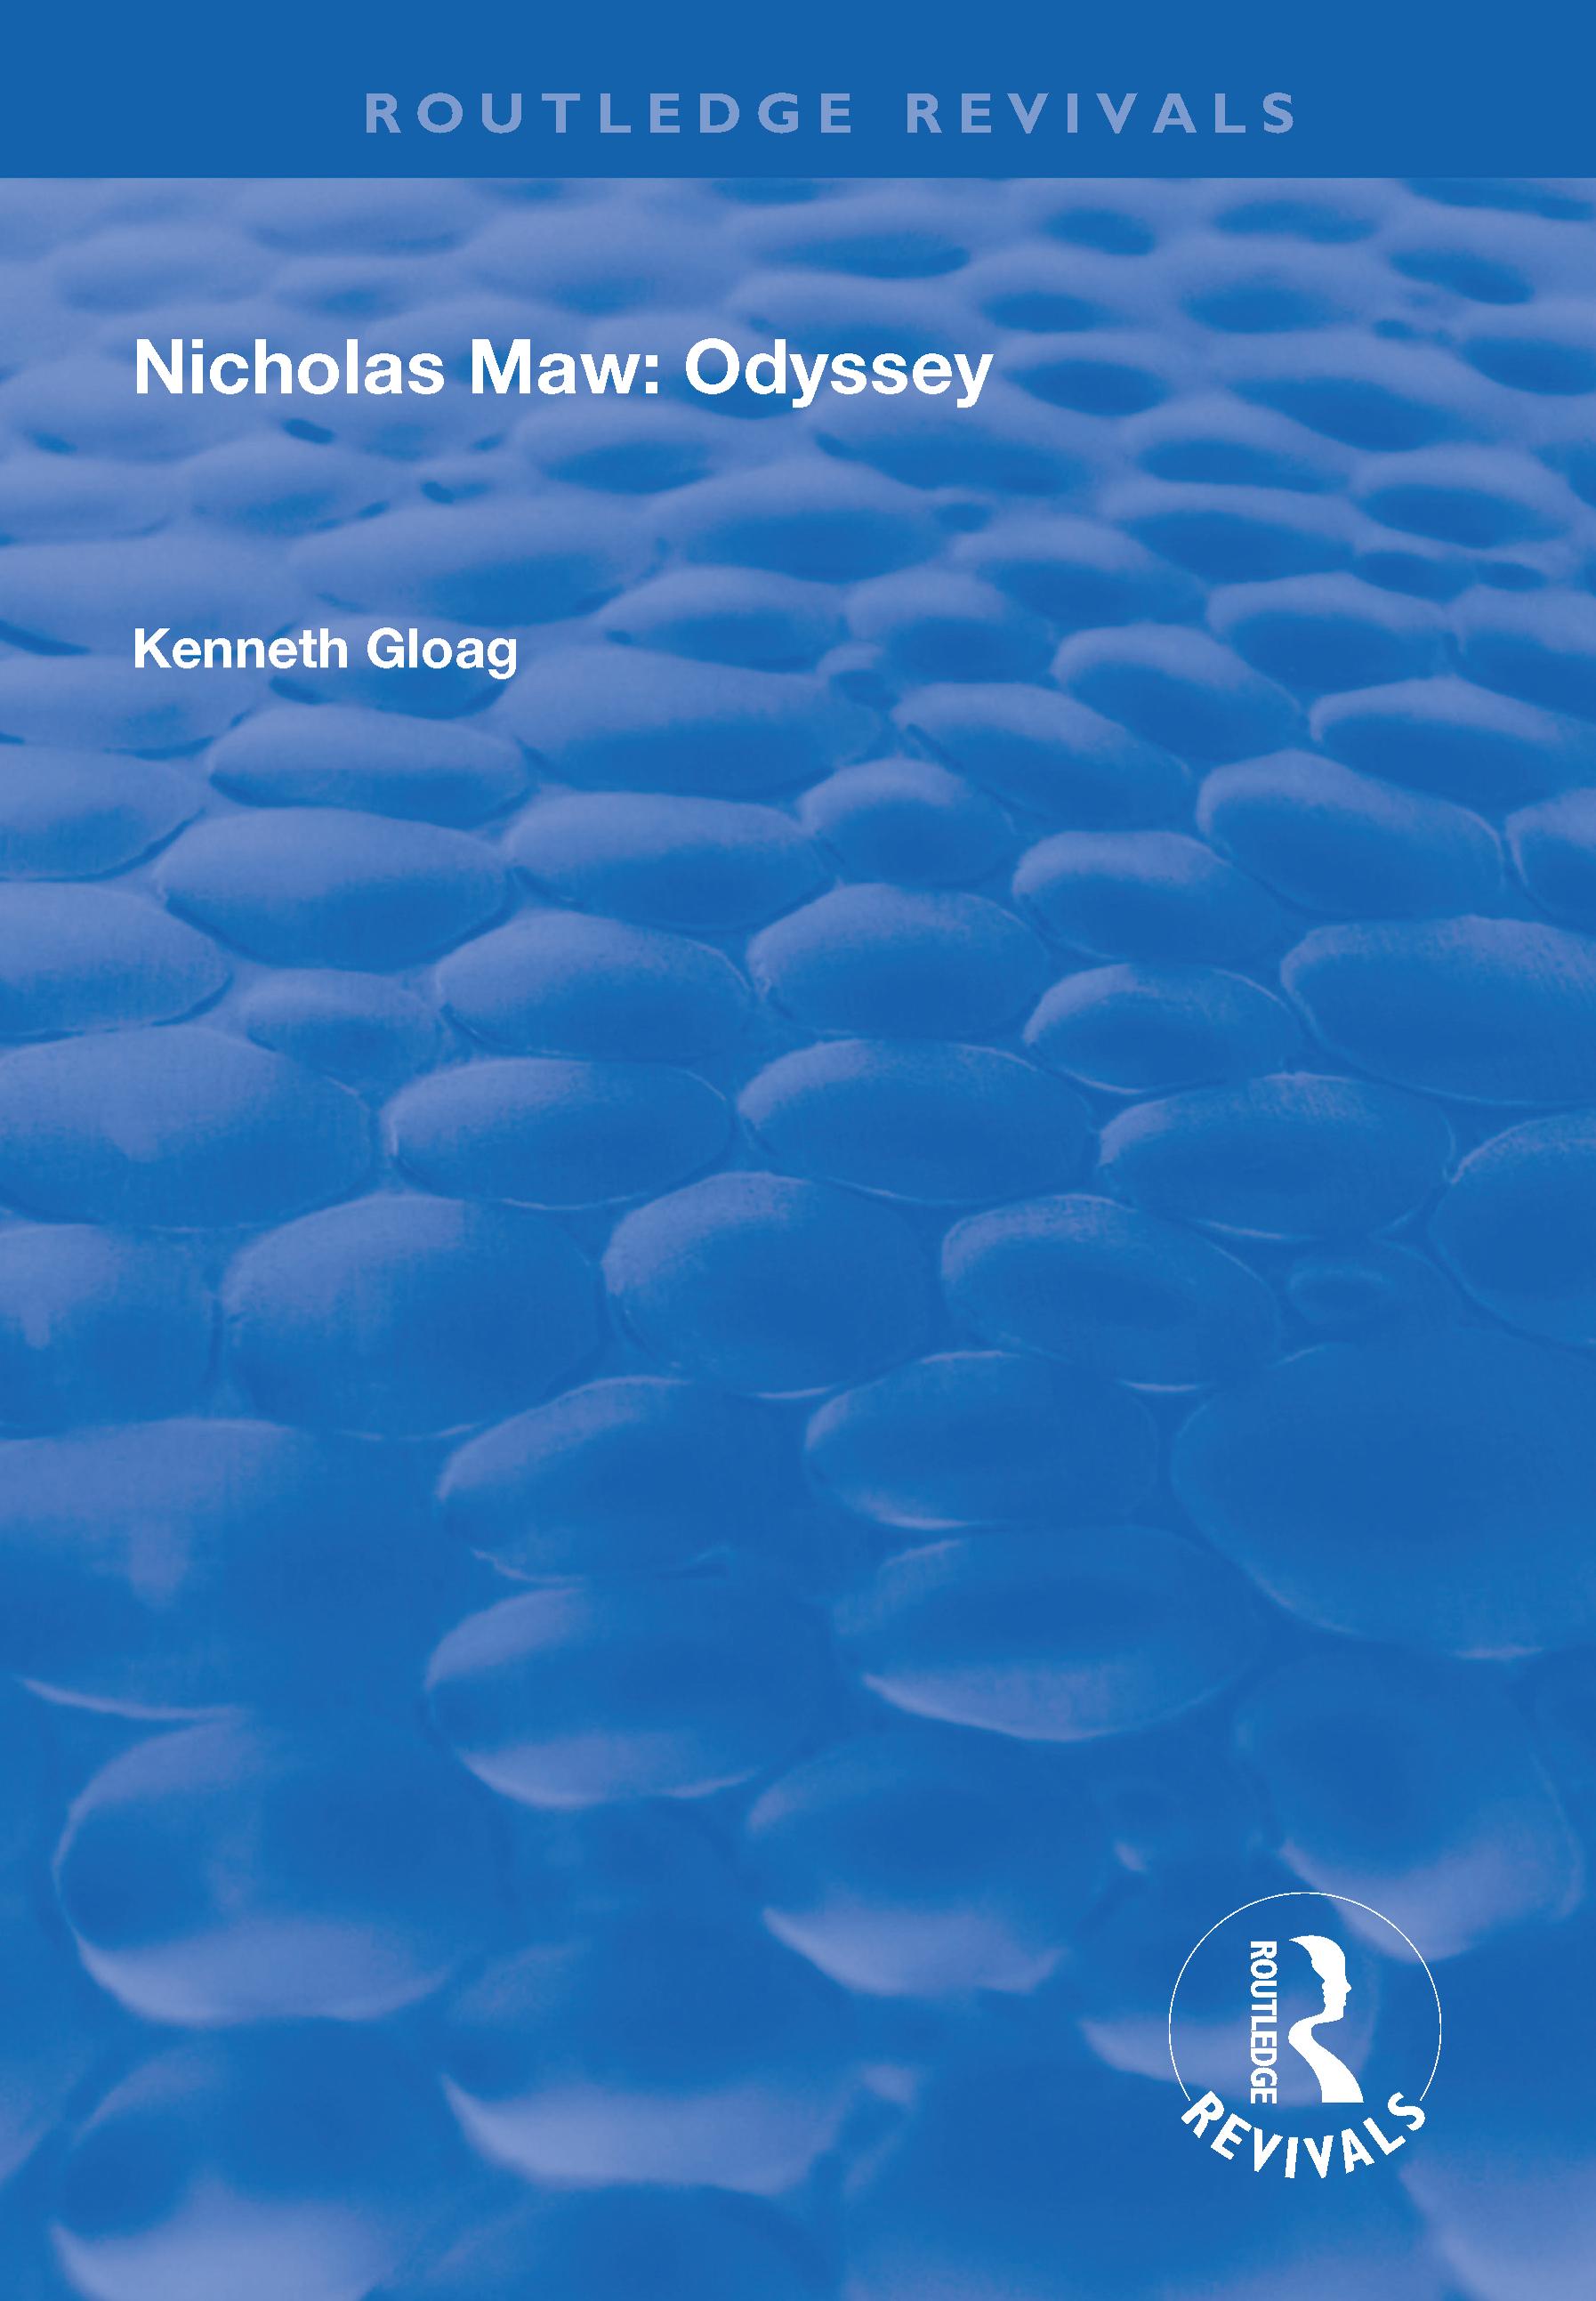 Nicholas Maw: Odyssey